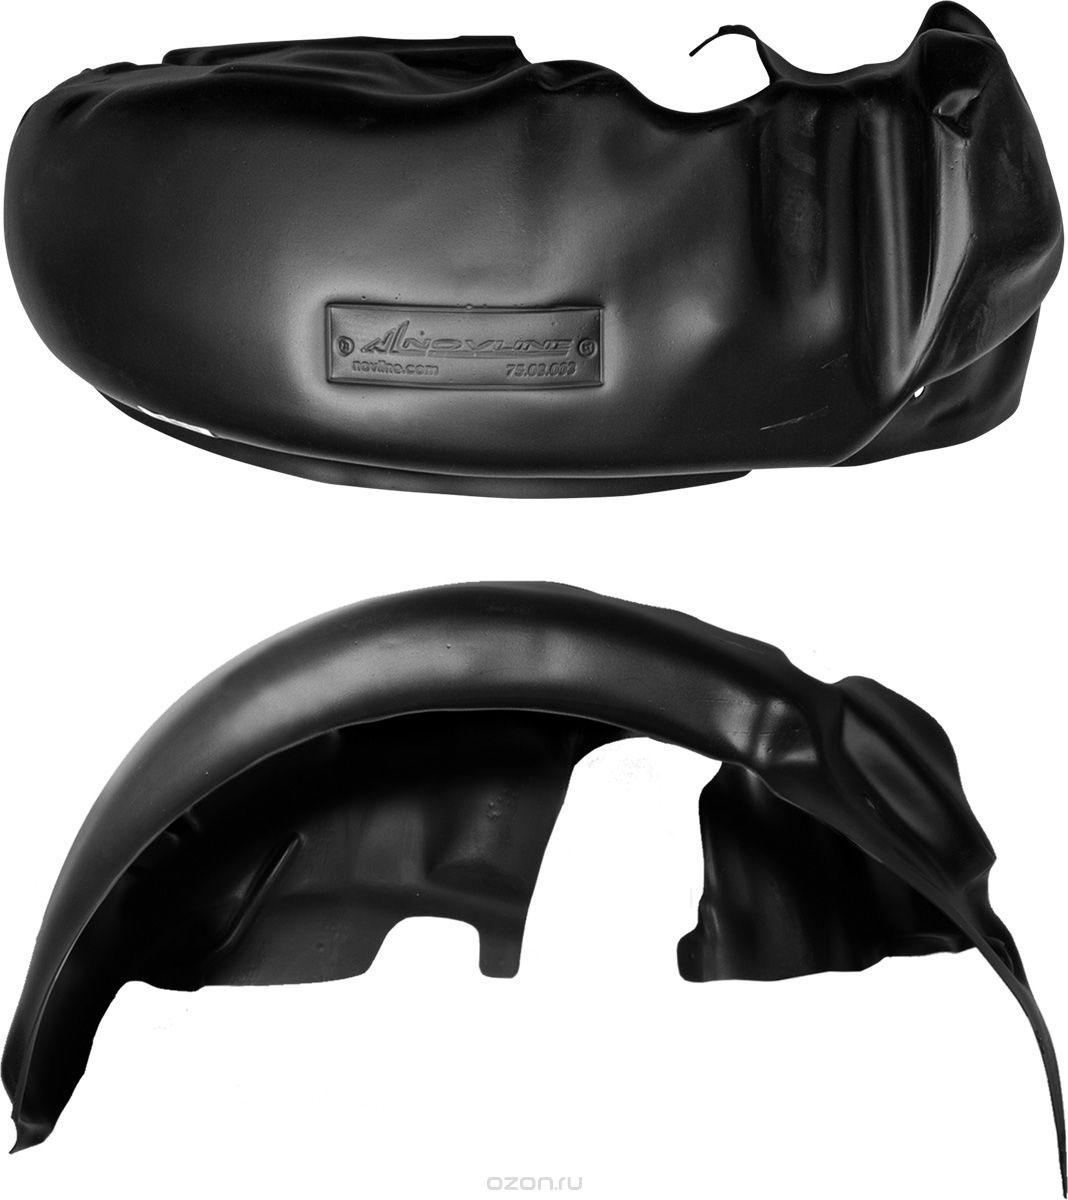 Подкрылок Novline-Autofamily, для FORD Mondeo, 2007->2014, седан, задний правыйVCA-00Идеальная защита колесной ниши. Локеры разработаны с применением цифровых технологий, гарантируют максимальную повторяемость поверхности арки. Изделия устанавливаются без нарушения лакокрасочного покрытия автомобиля, каждый подкрылок комплектуется крепежом. Уважаемые клиенты, обращаем ваше внимание, что фотографии на подкрылки универсальные и не отражают реальную форму изделия. При этом само изделие идет точно под размер указанного автомобиля.